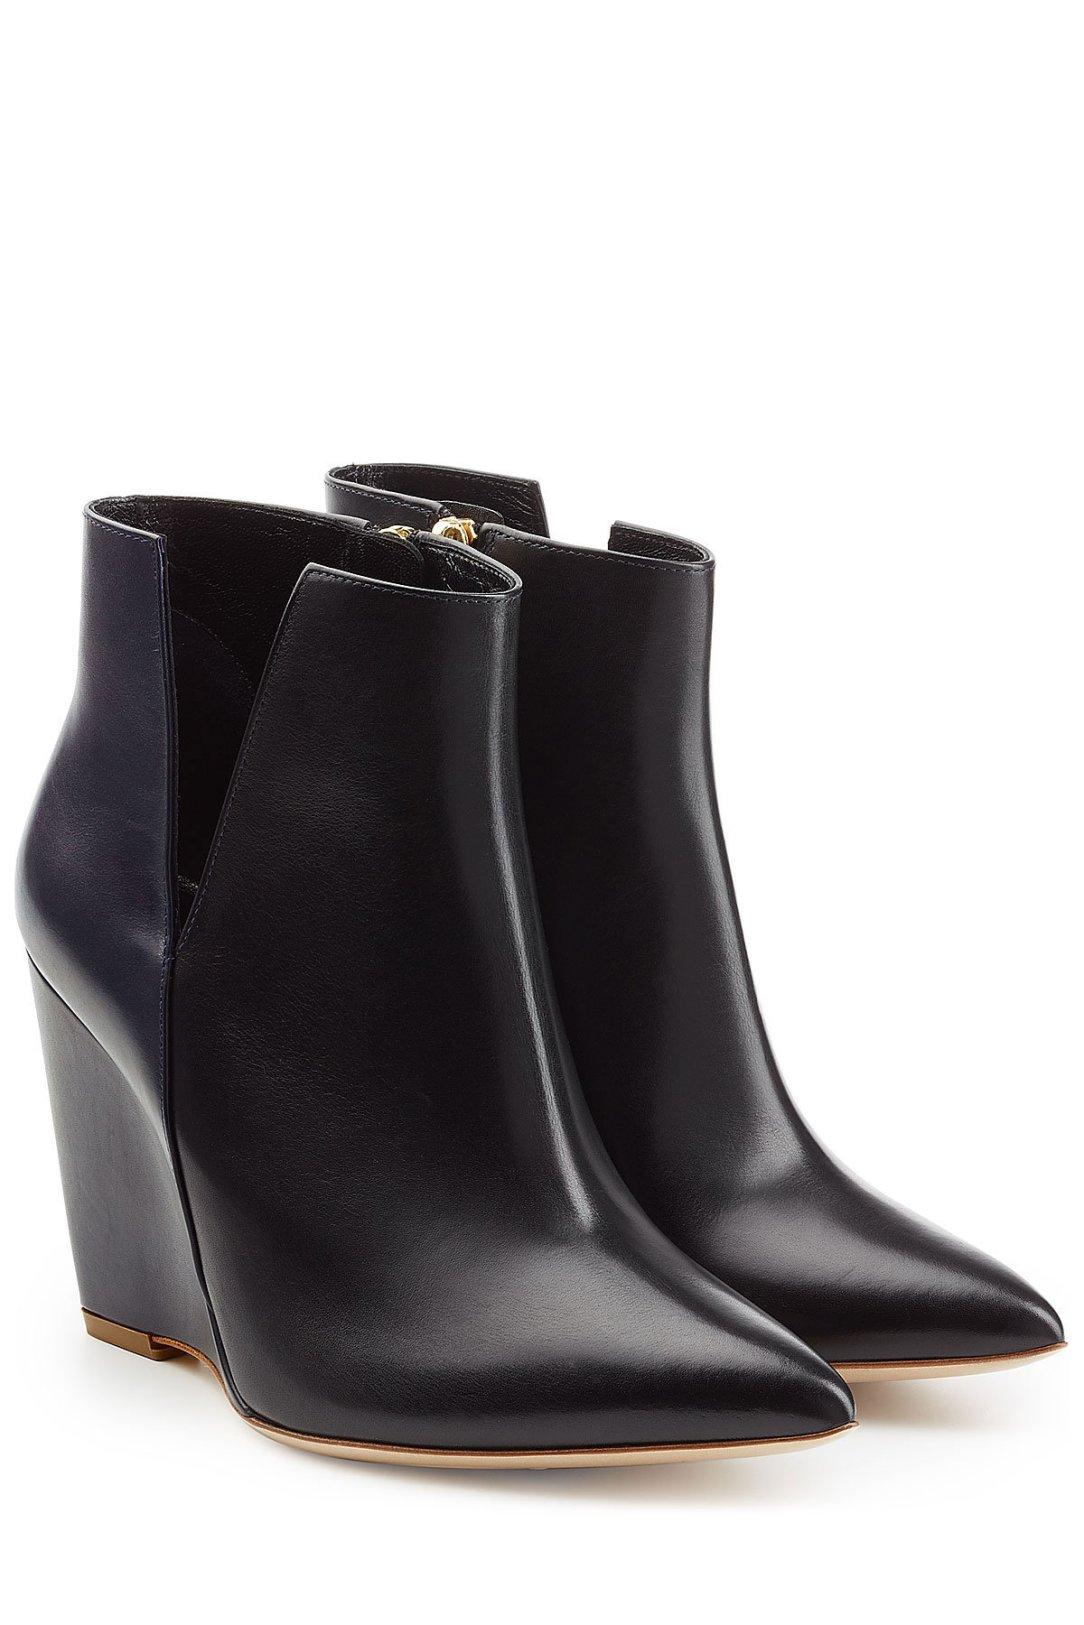 edda-wedge-boots